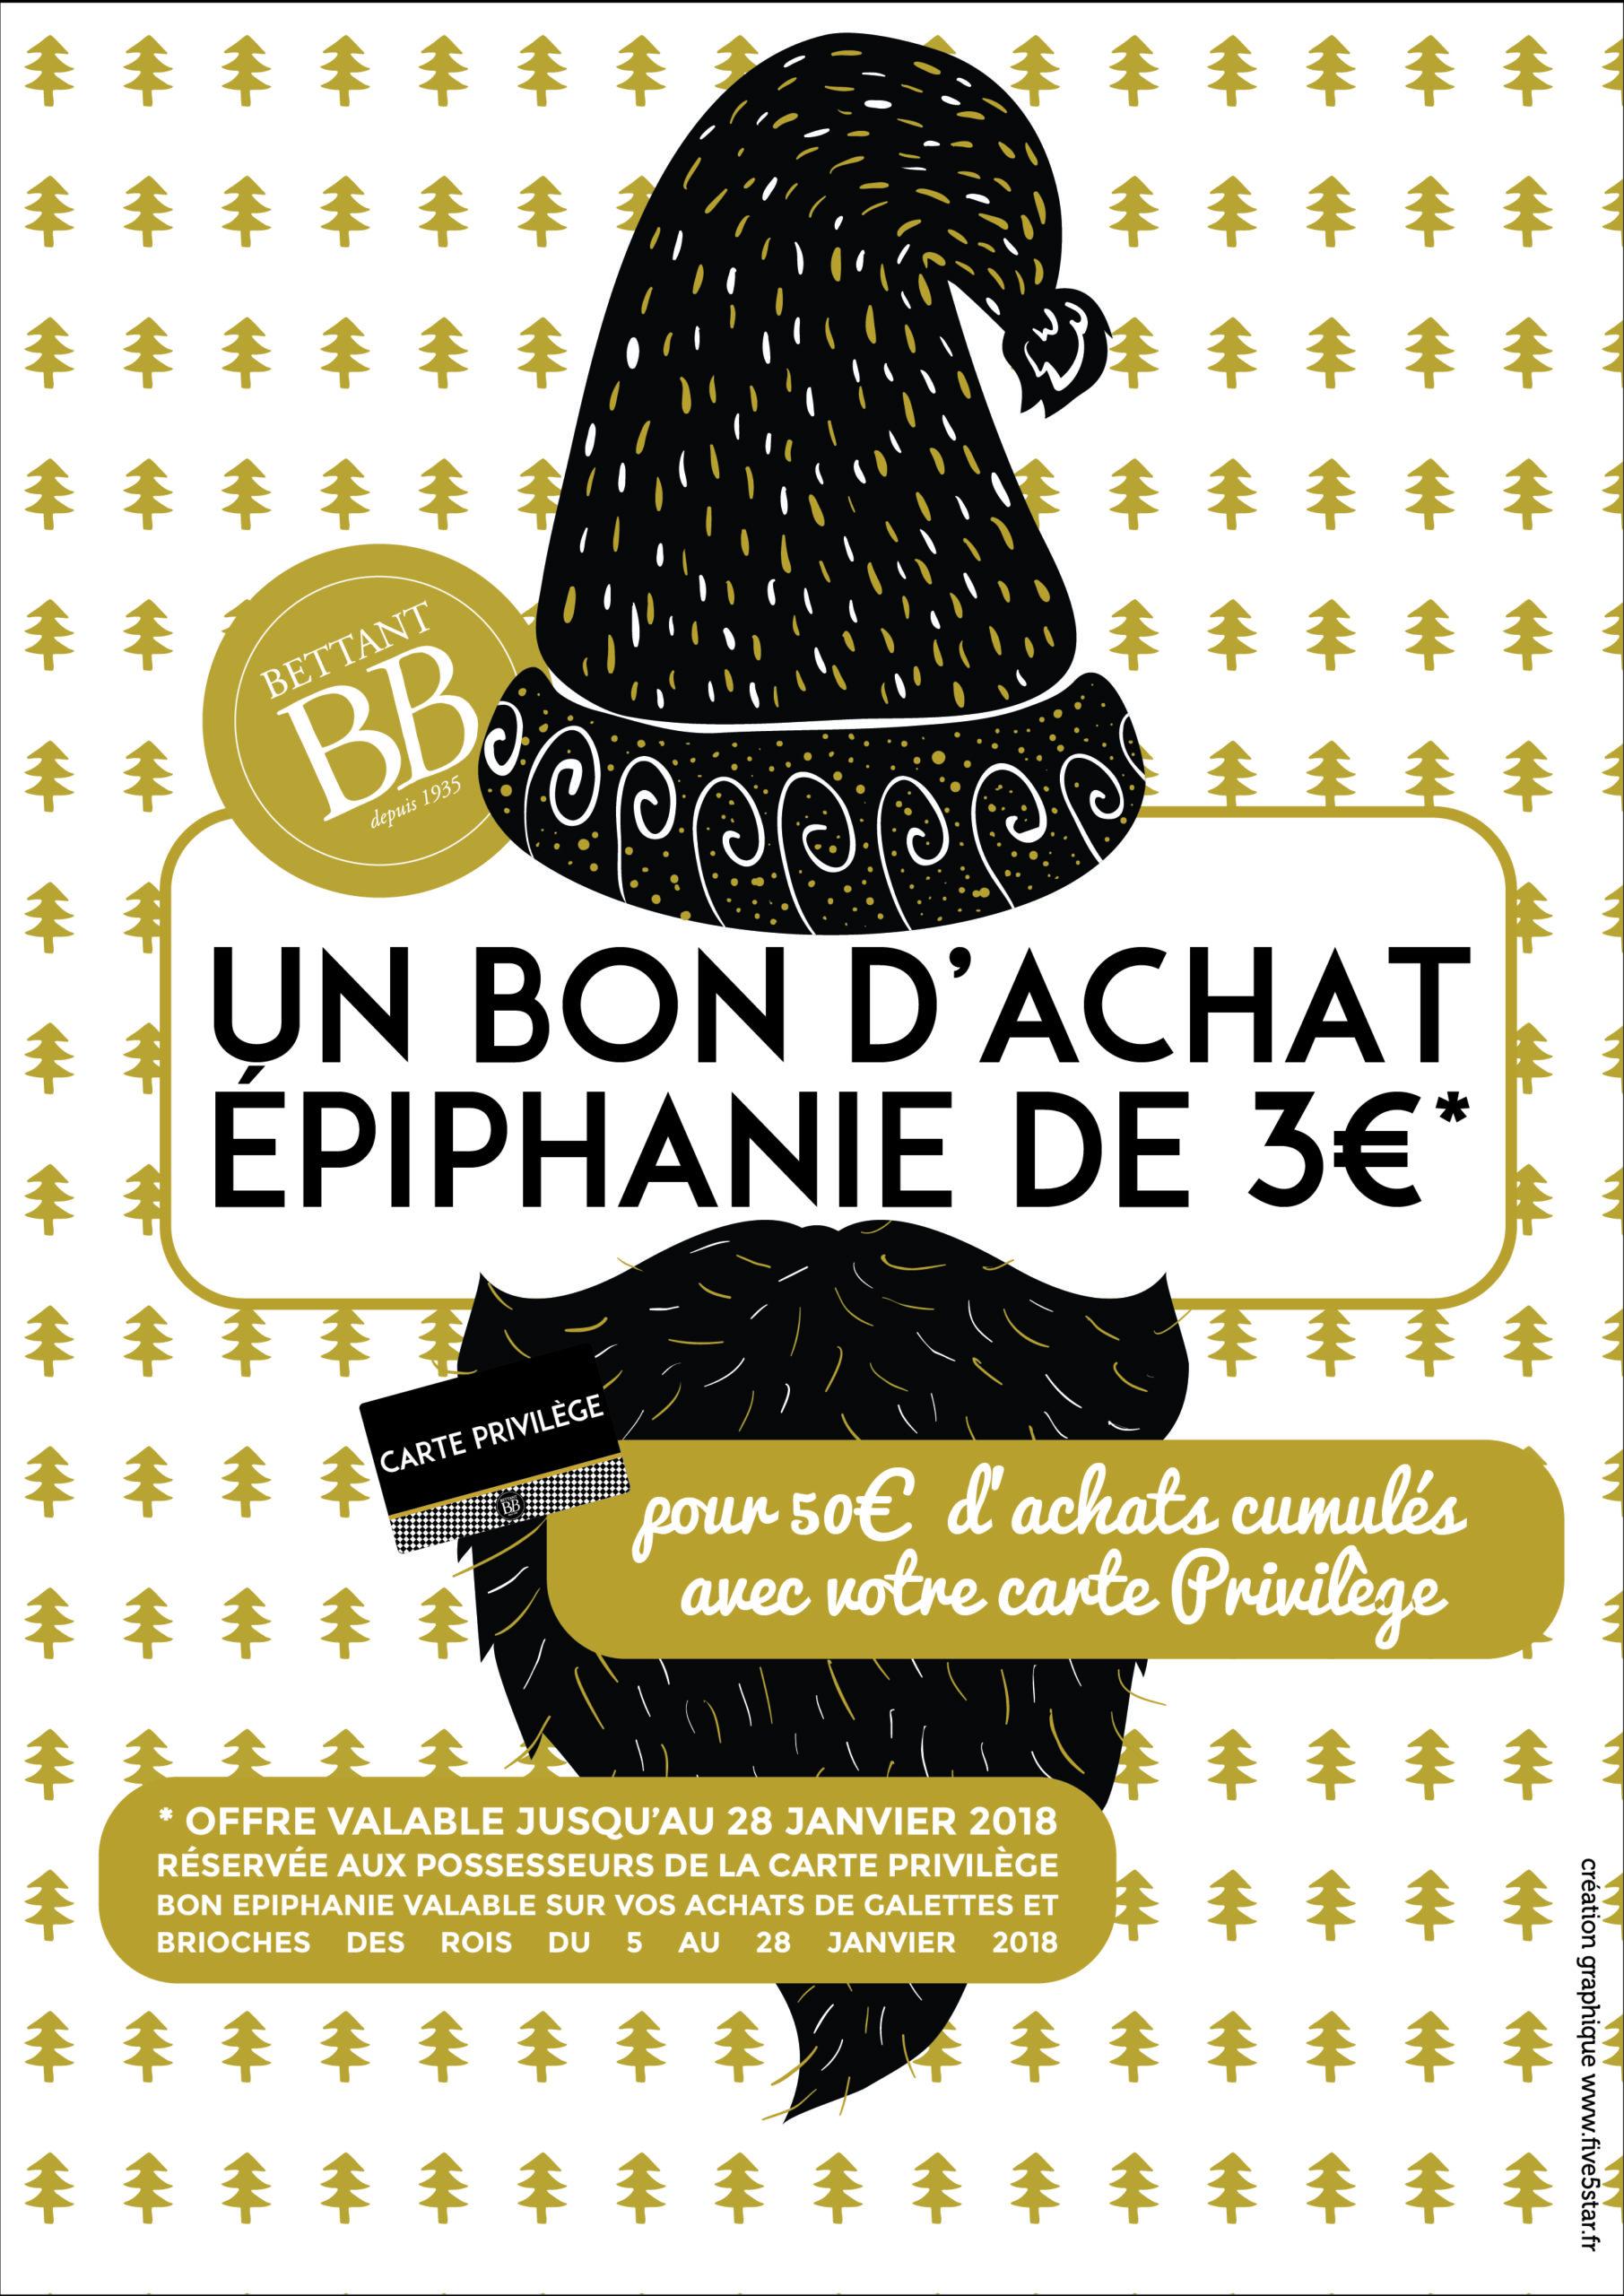 Affiche de l'offre Epiphanie 2018 de la carte Privilège Bettant